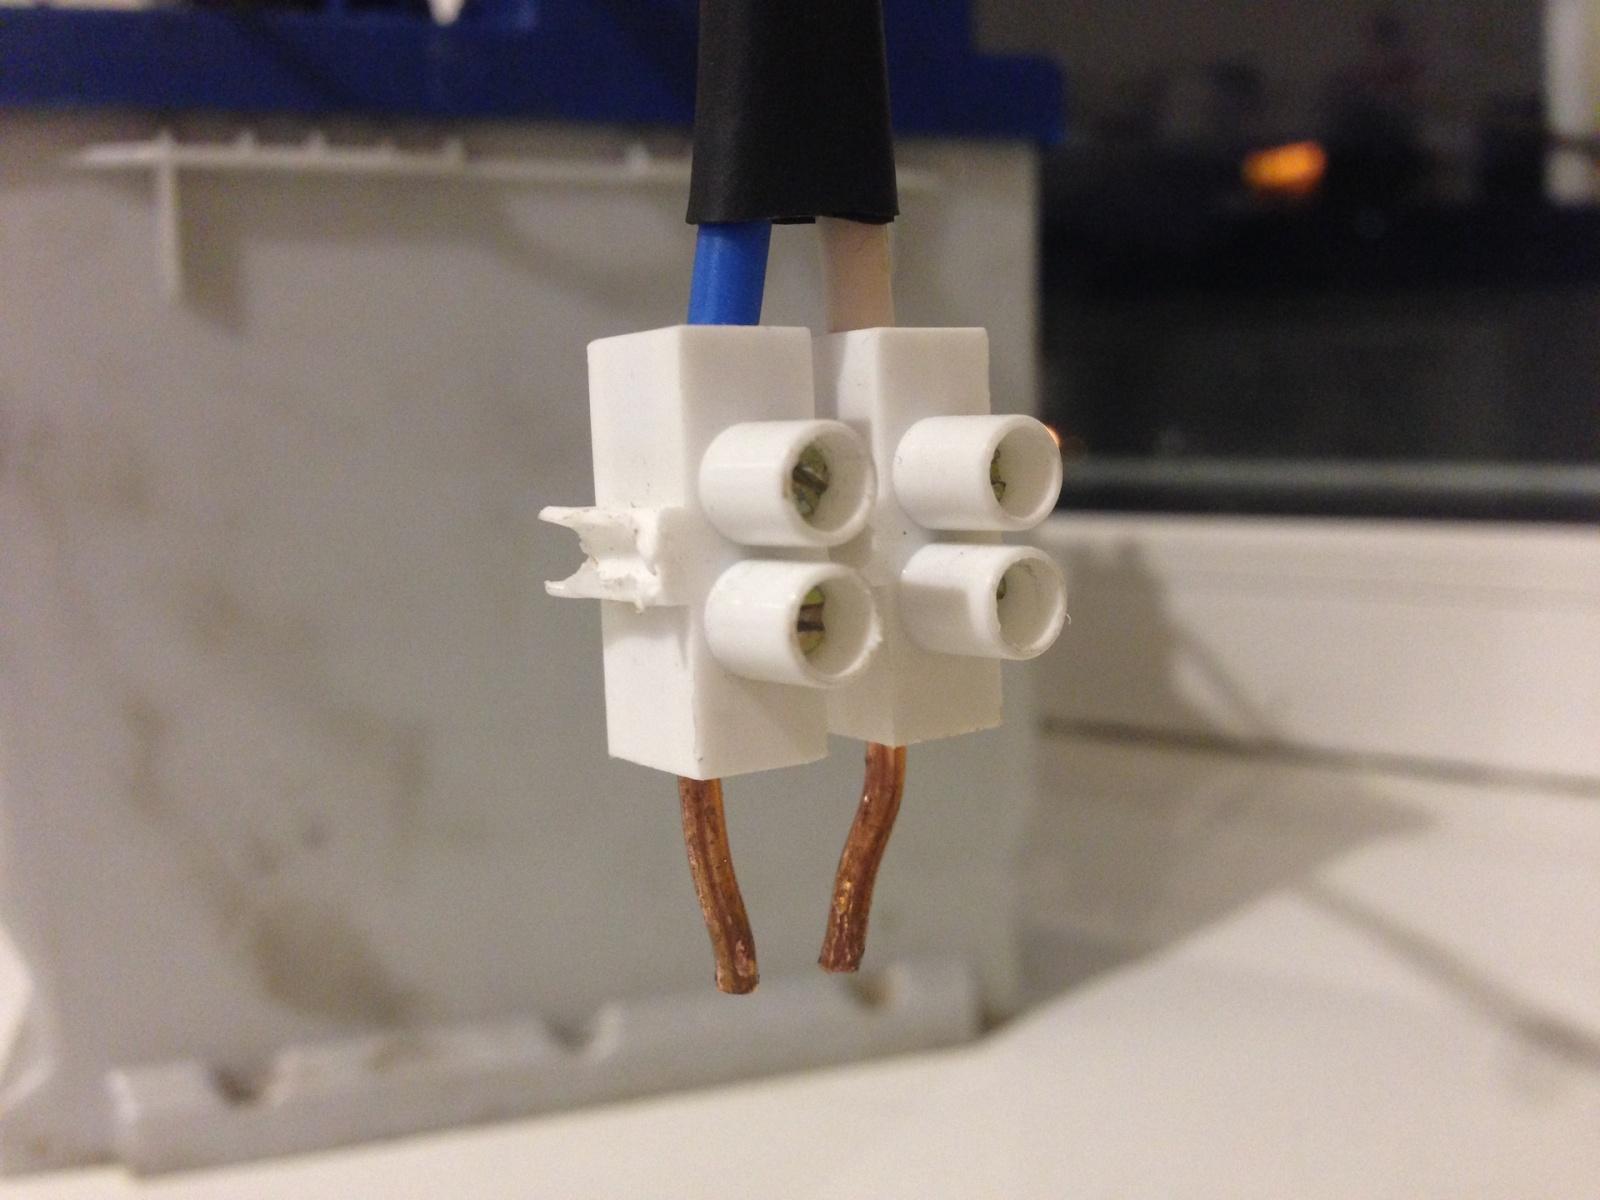 Ультрабюджетная точечная сварка литиевых аккумуляторов дома - 3